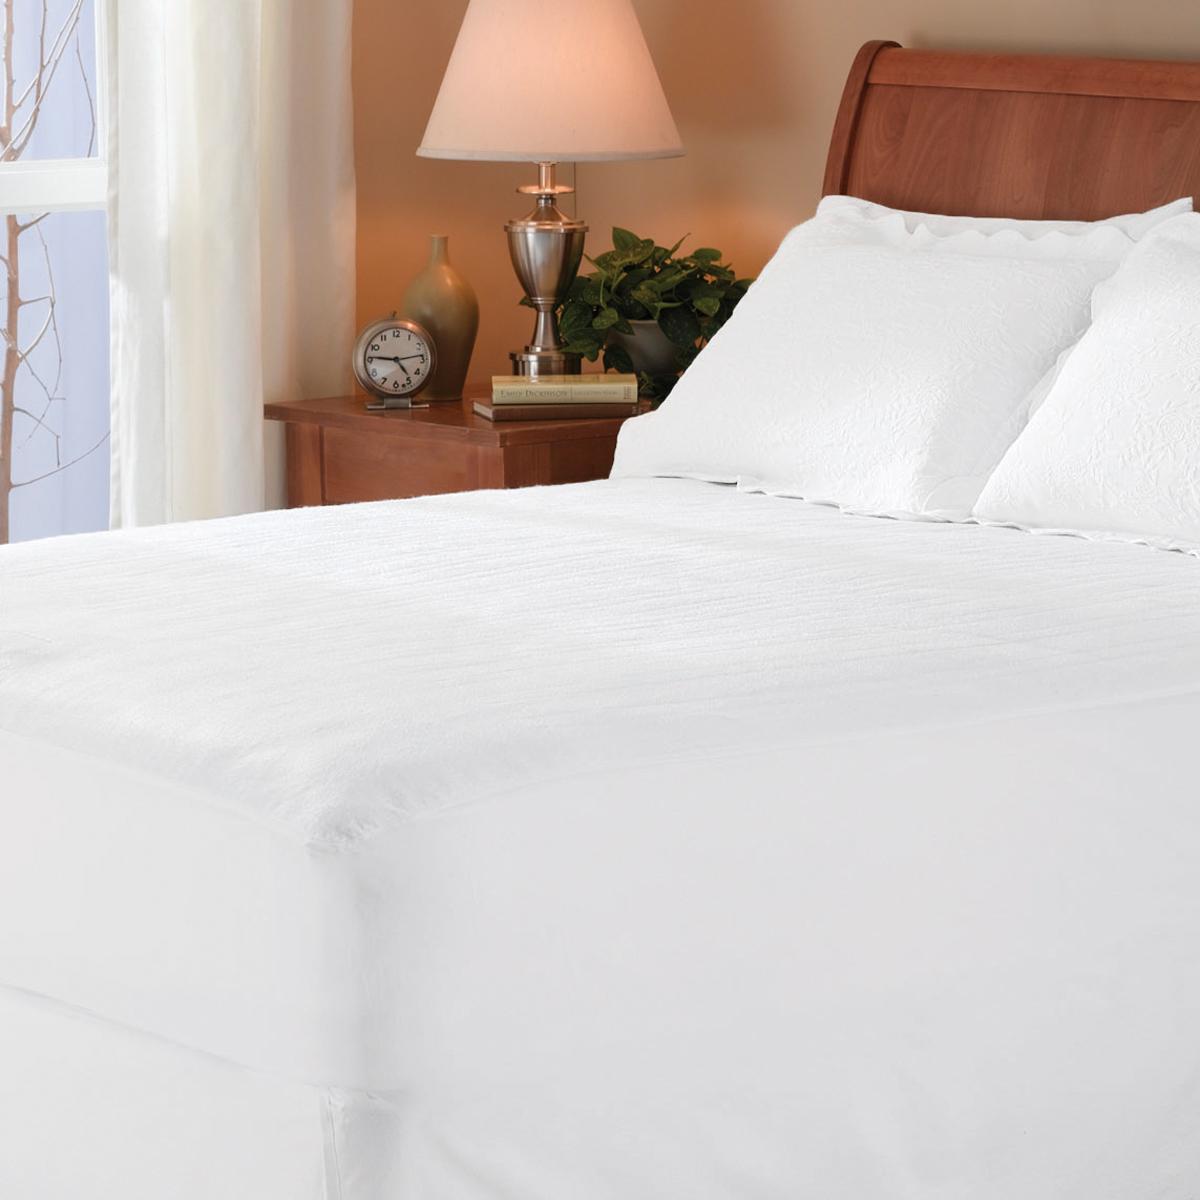 king sunbeam mattress bknerd queen and design canada heated pad